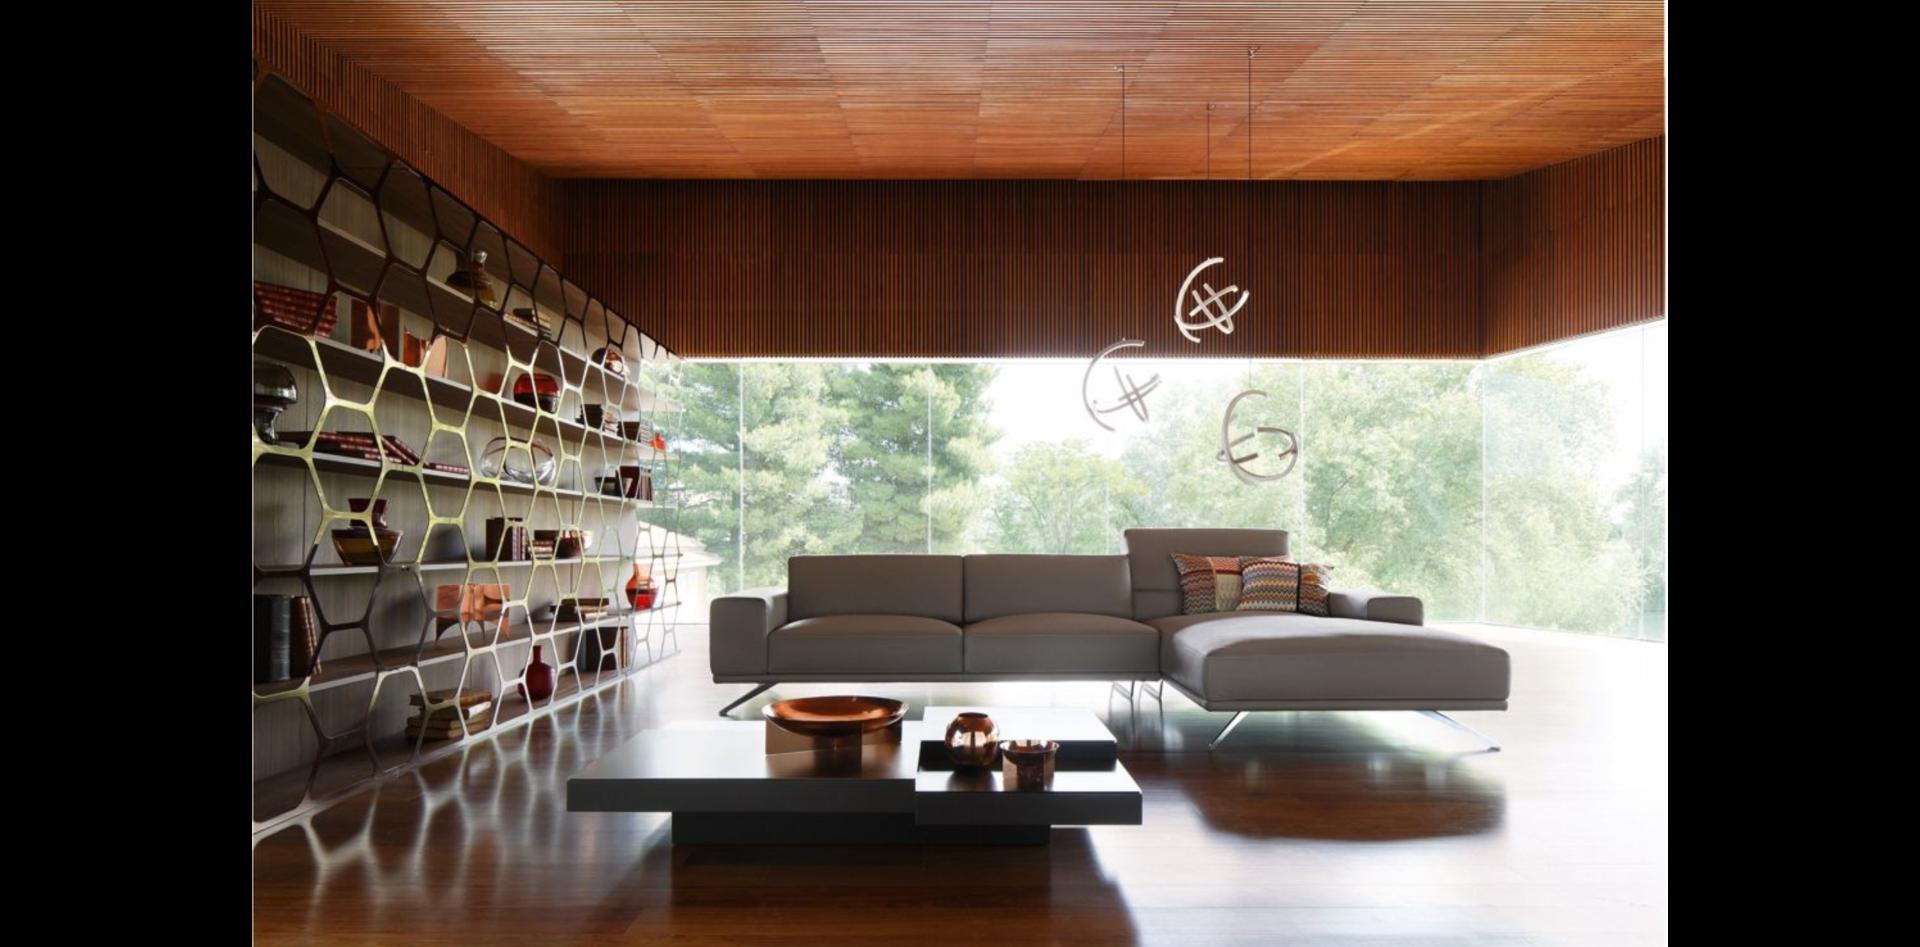 Roche Bobois Pollen Bookcase designed by Sacha Lakic. A